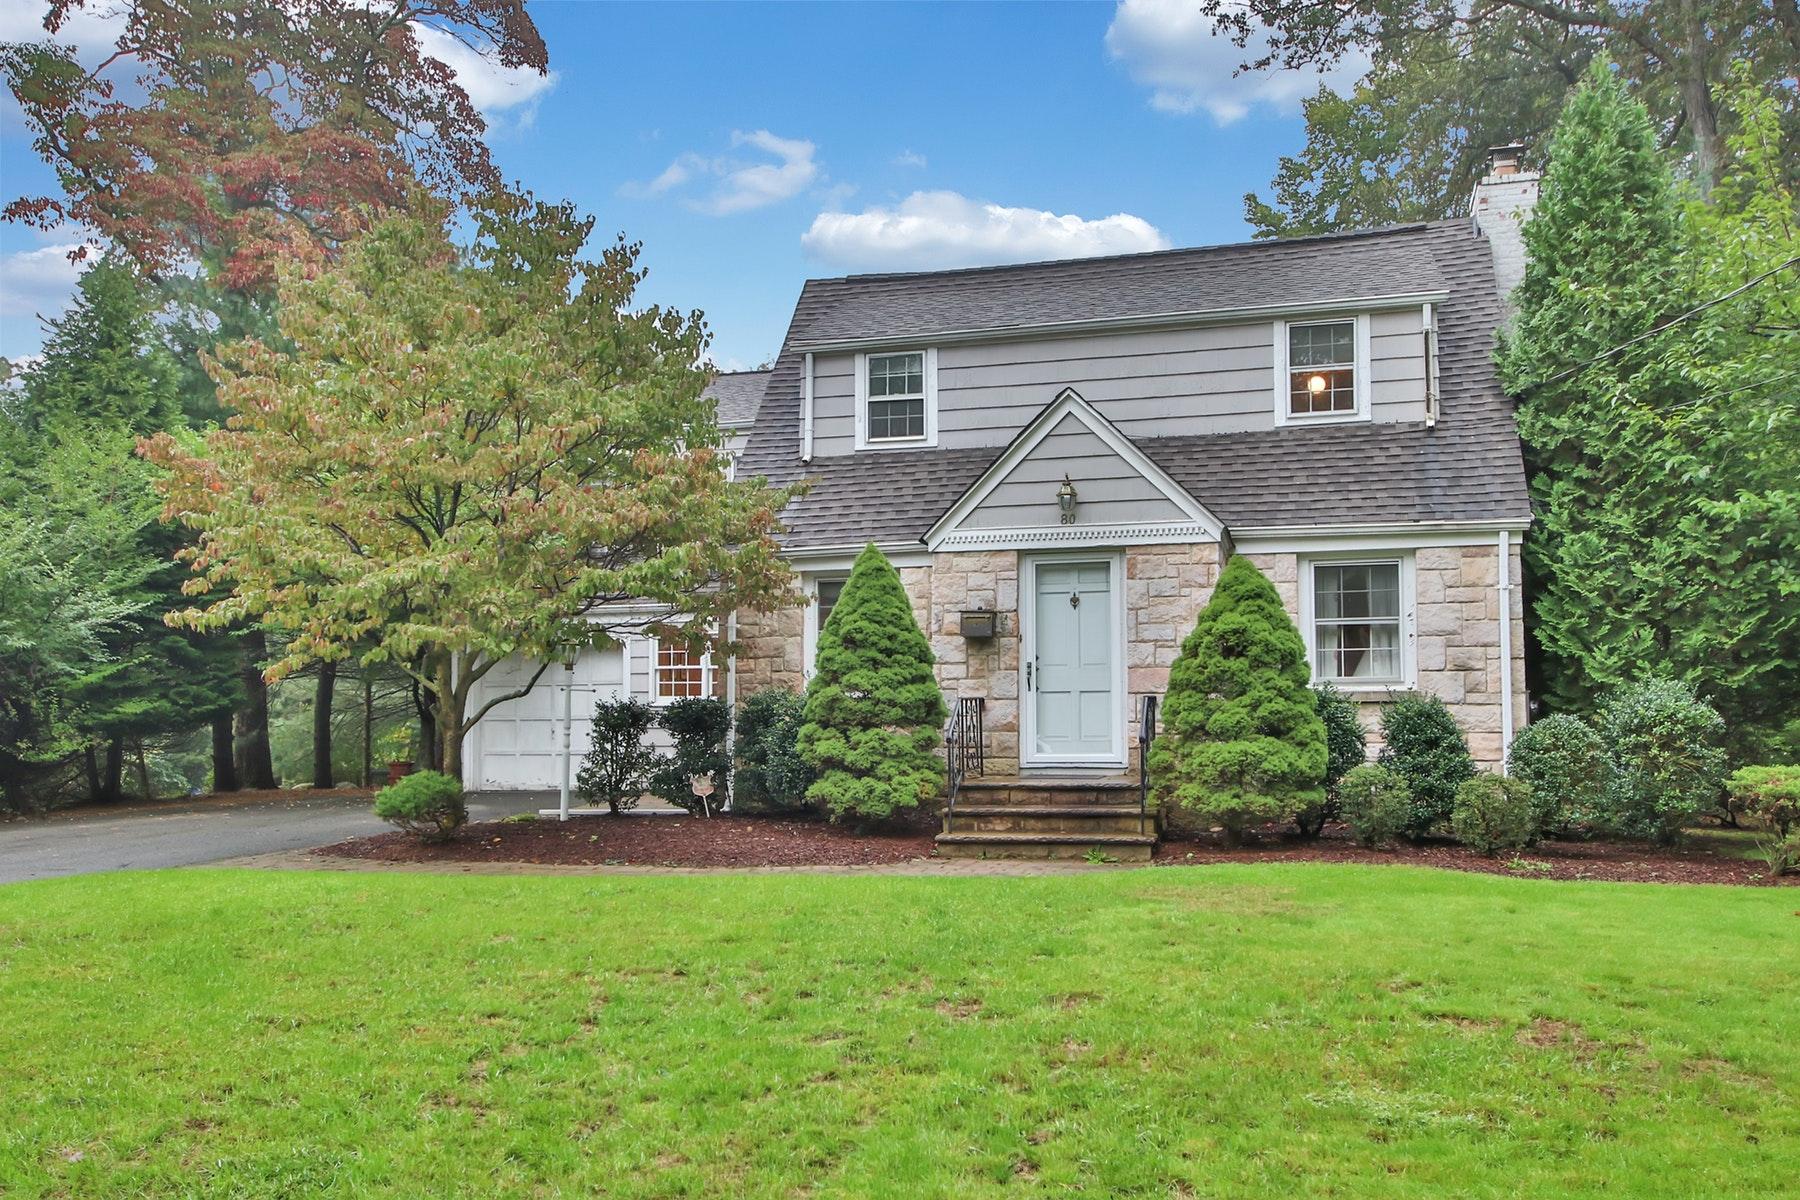 Maison unifamiliale pour l Vente à Premier Cul-de-Sac Location in Ramsey 80 Elm Avenue Ramsey, New Jersey 07446 États-Unis